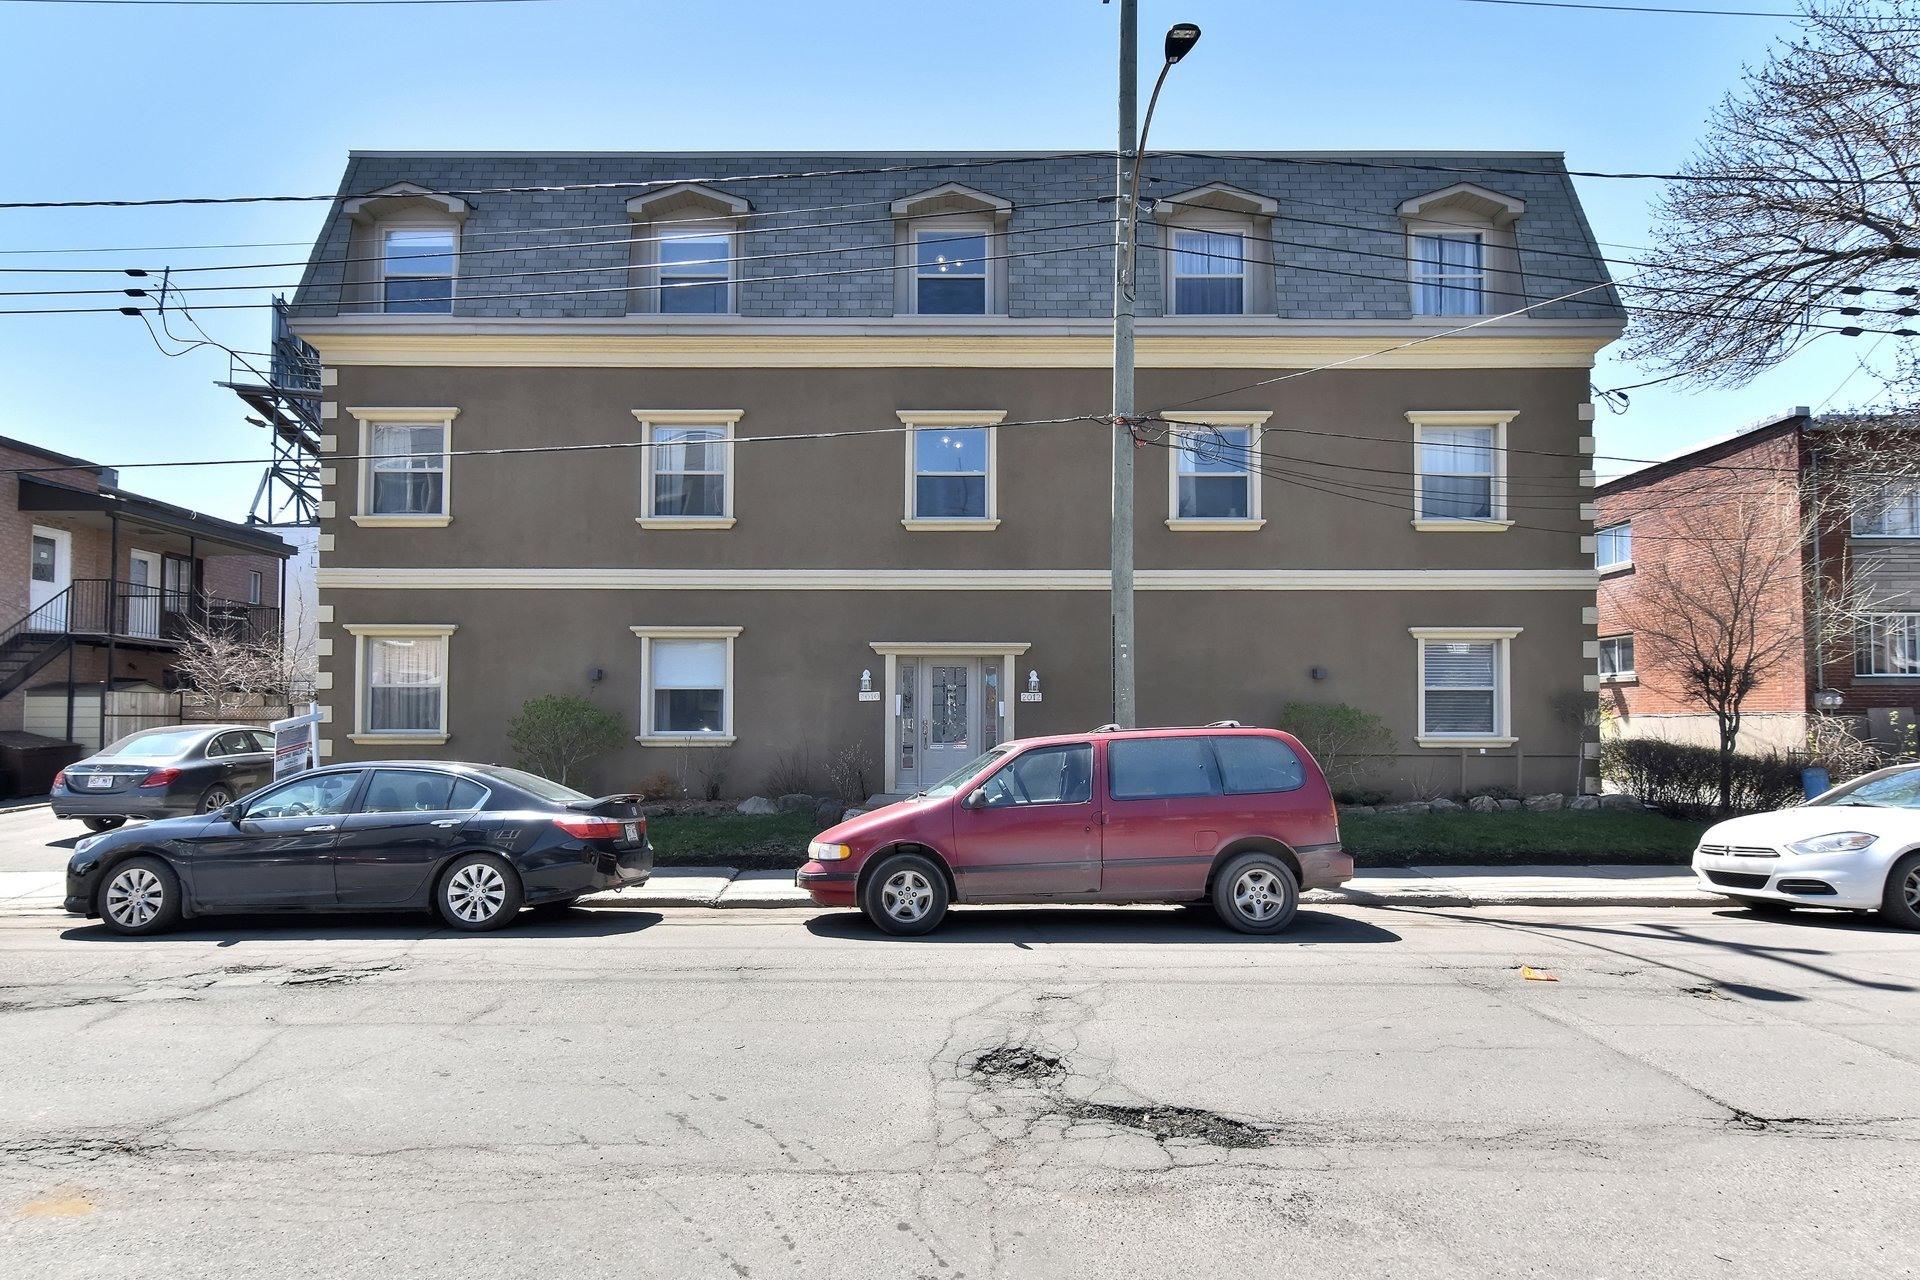 image 29 - Appartement À vendre Côte-des-Neiges/Notre-Dame-de-Grâce Montréal  - 5 pièces